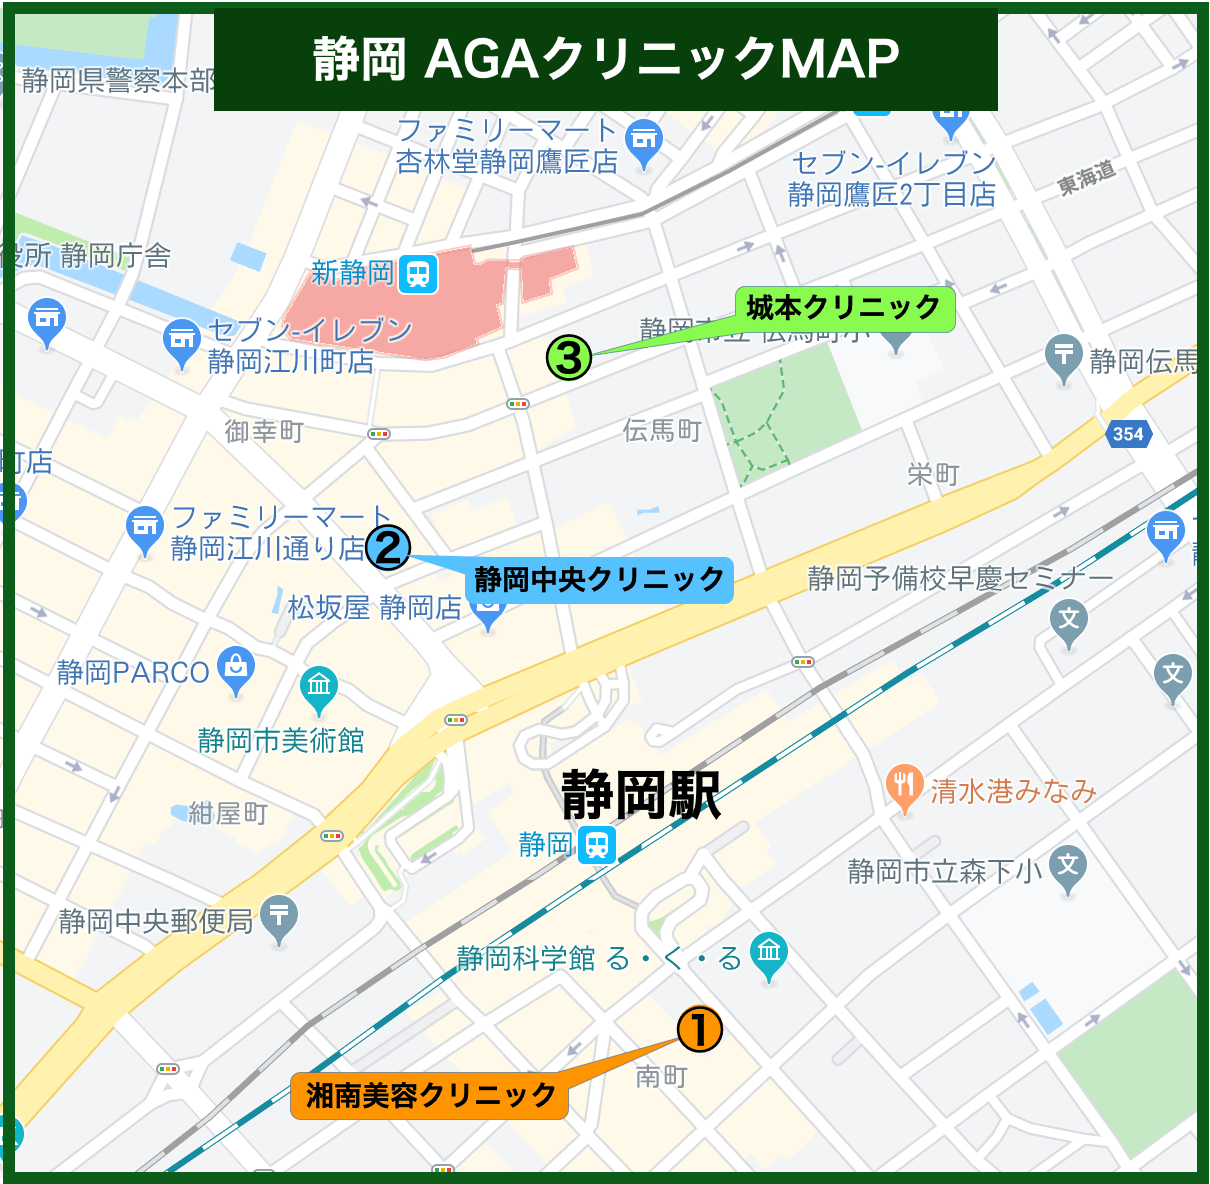 静岡 AGAクリニックMAP